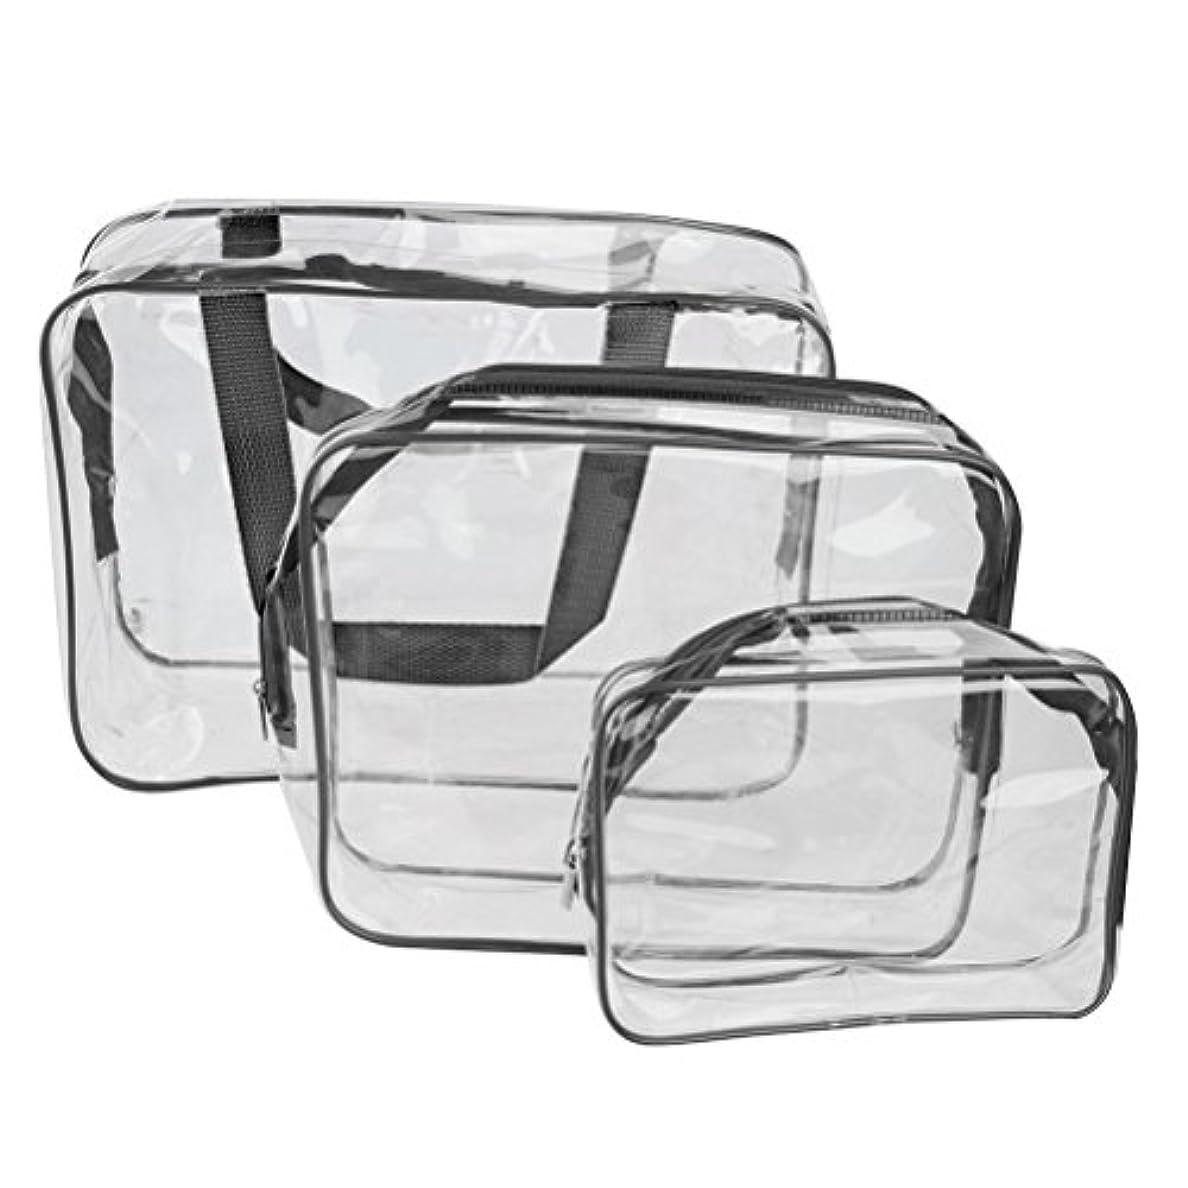 める包括的学士ROSENICE 旅行出張用 透明化粧品バッグ ブラック